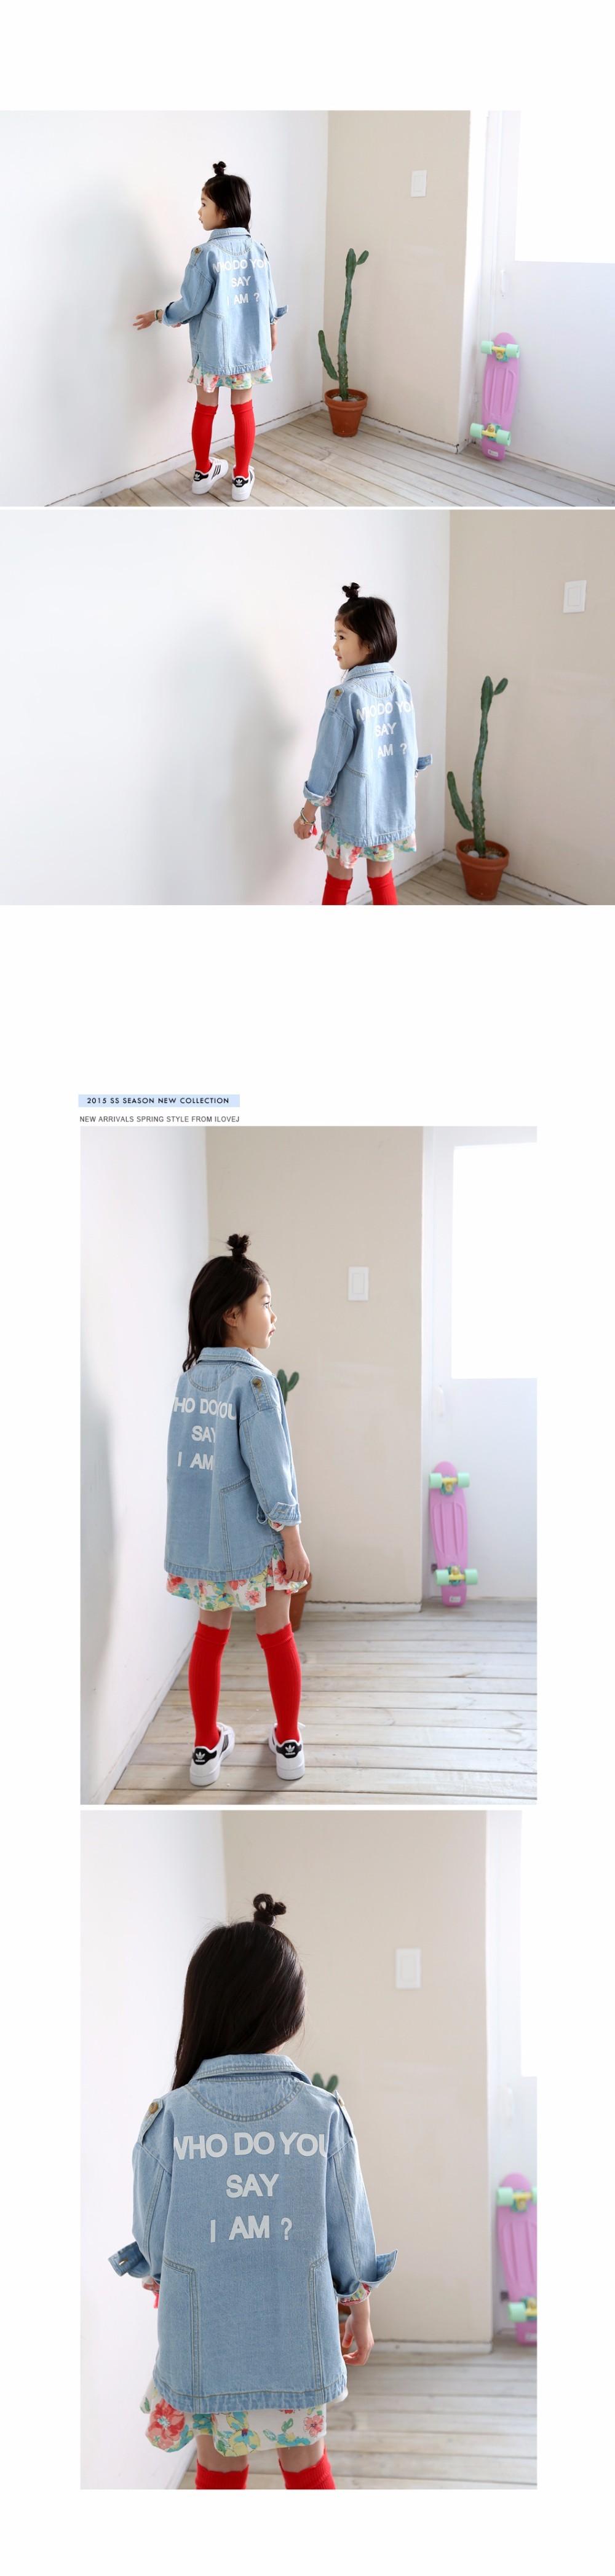 Скидки на Весна девушка ковбой одежда детская одежда дети письмо куртки ветровка куртка джинсовая мода пальто